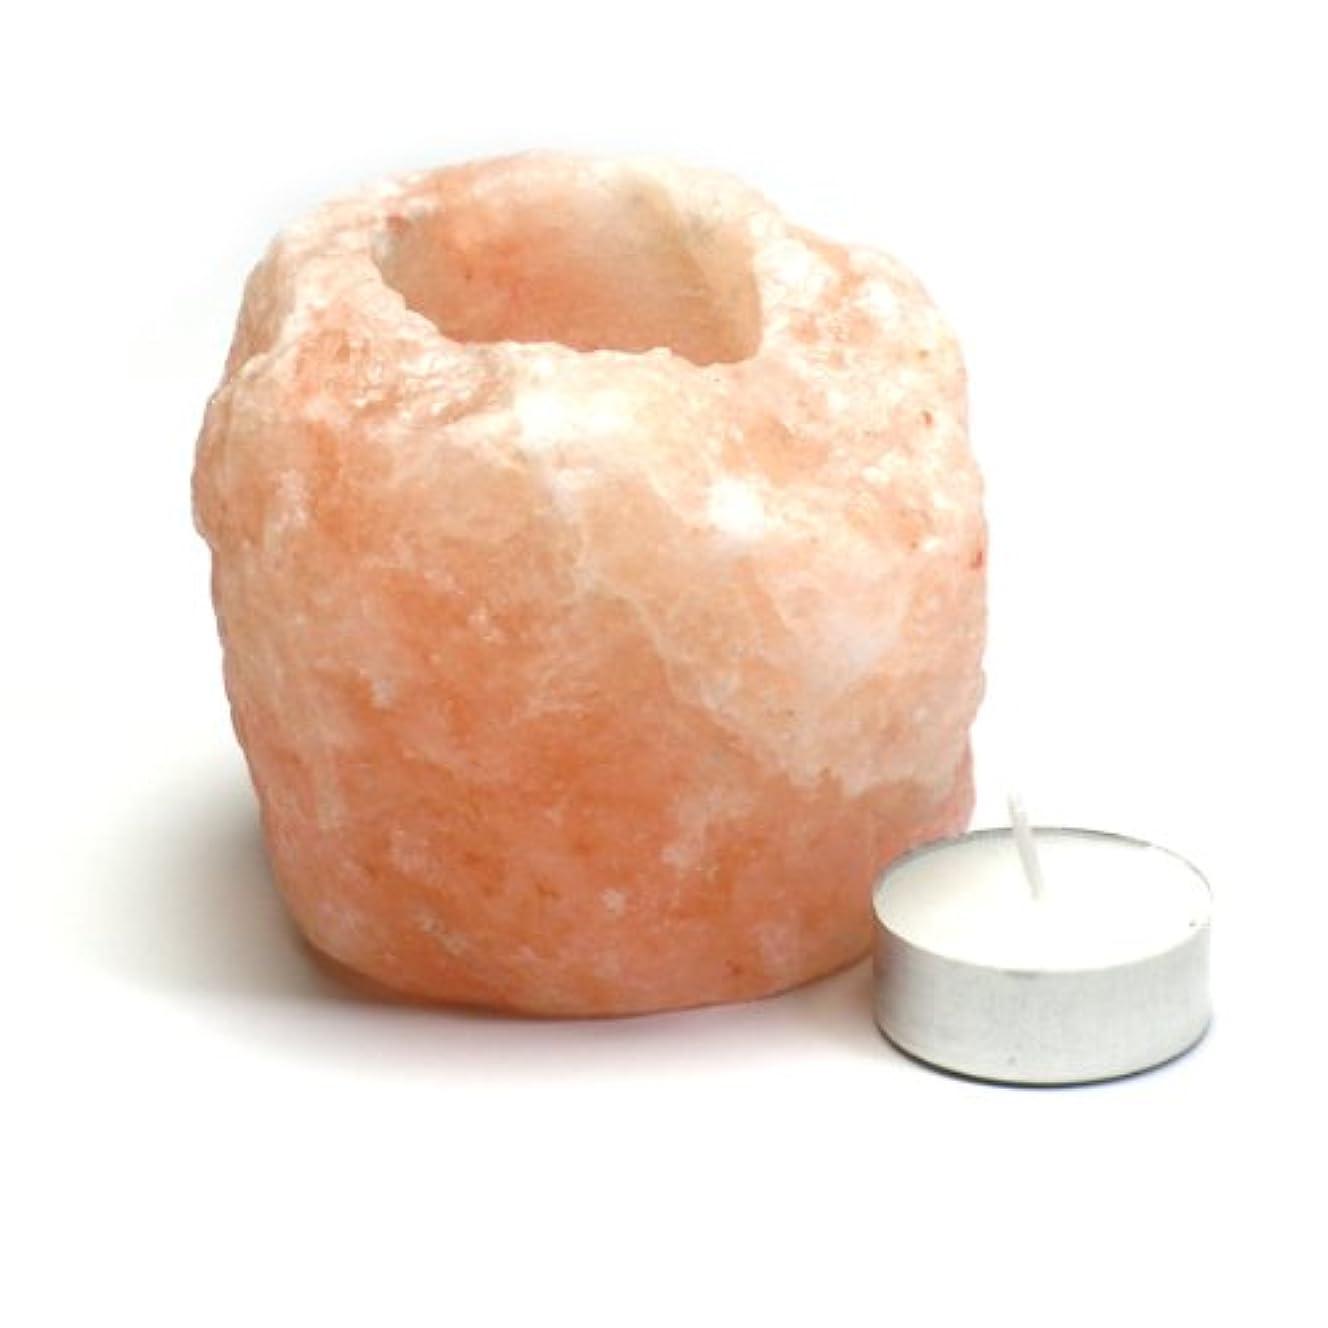 カリキュラムメタン読書をするヒマラヤ岩塩 キャンドルホルダー1~1.4kg ピンクソルトキャンドルスタンド ティーライト用 ランタン